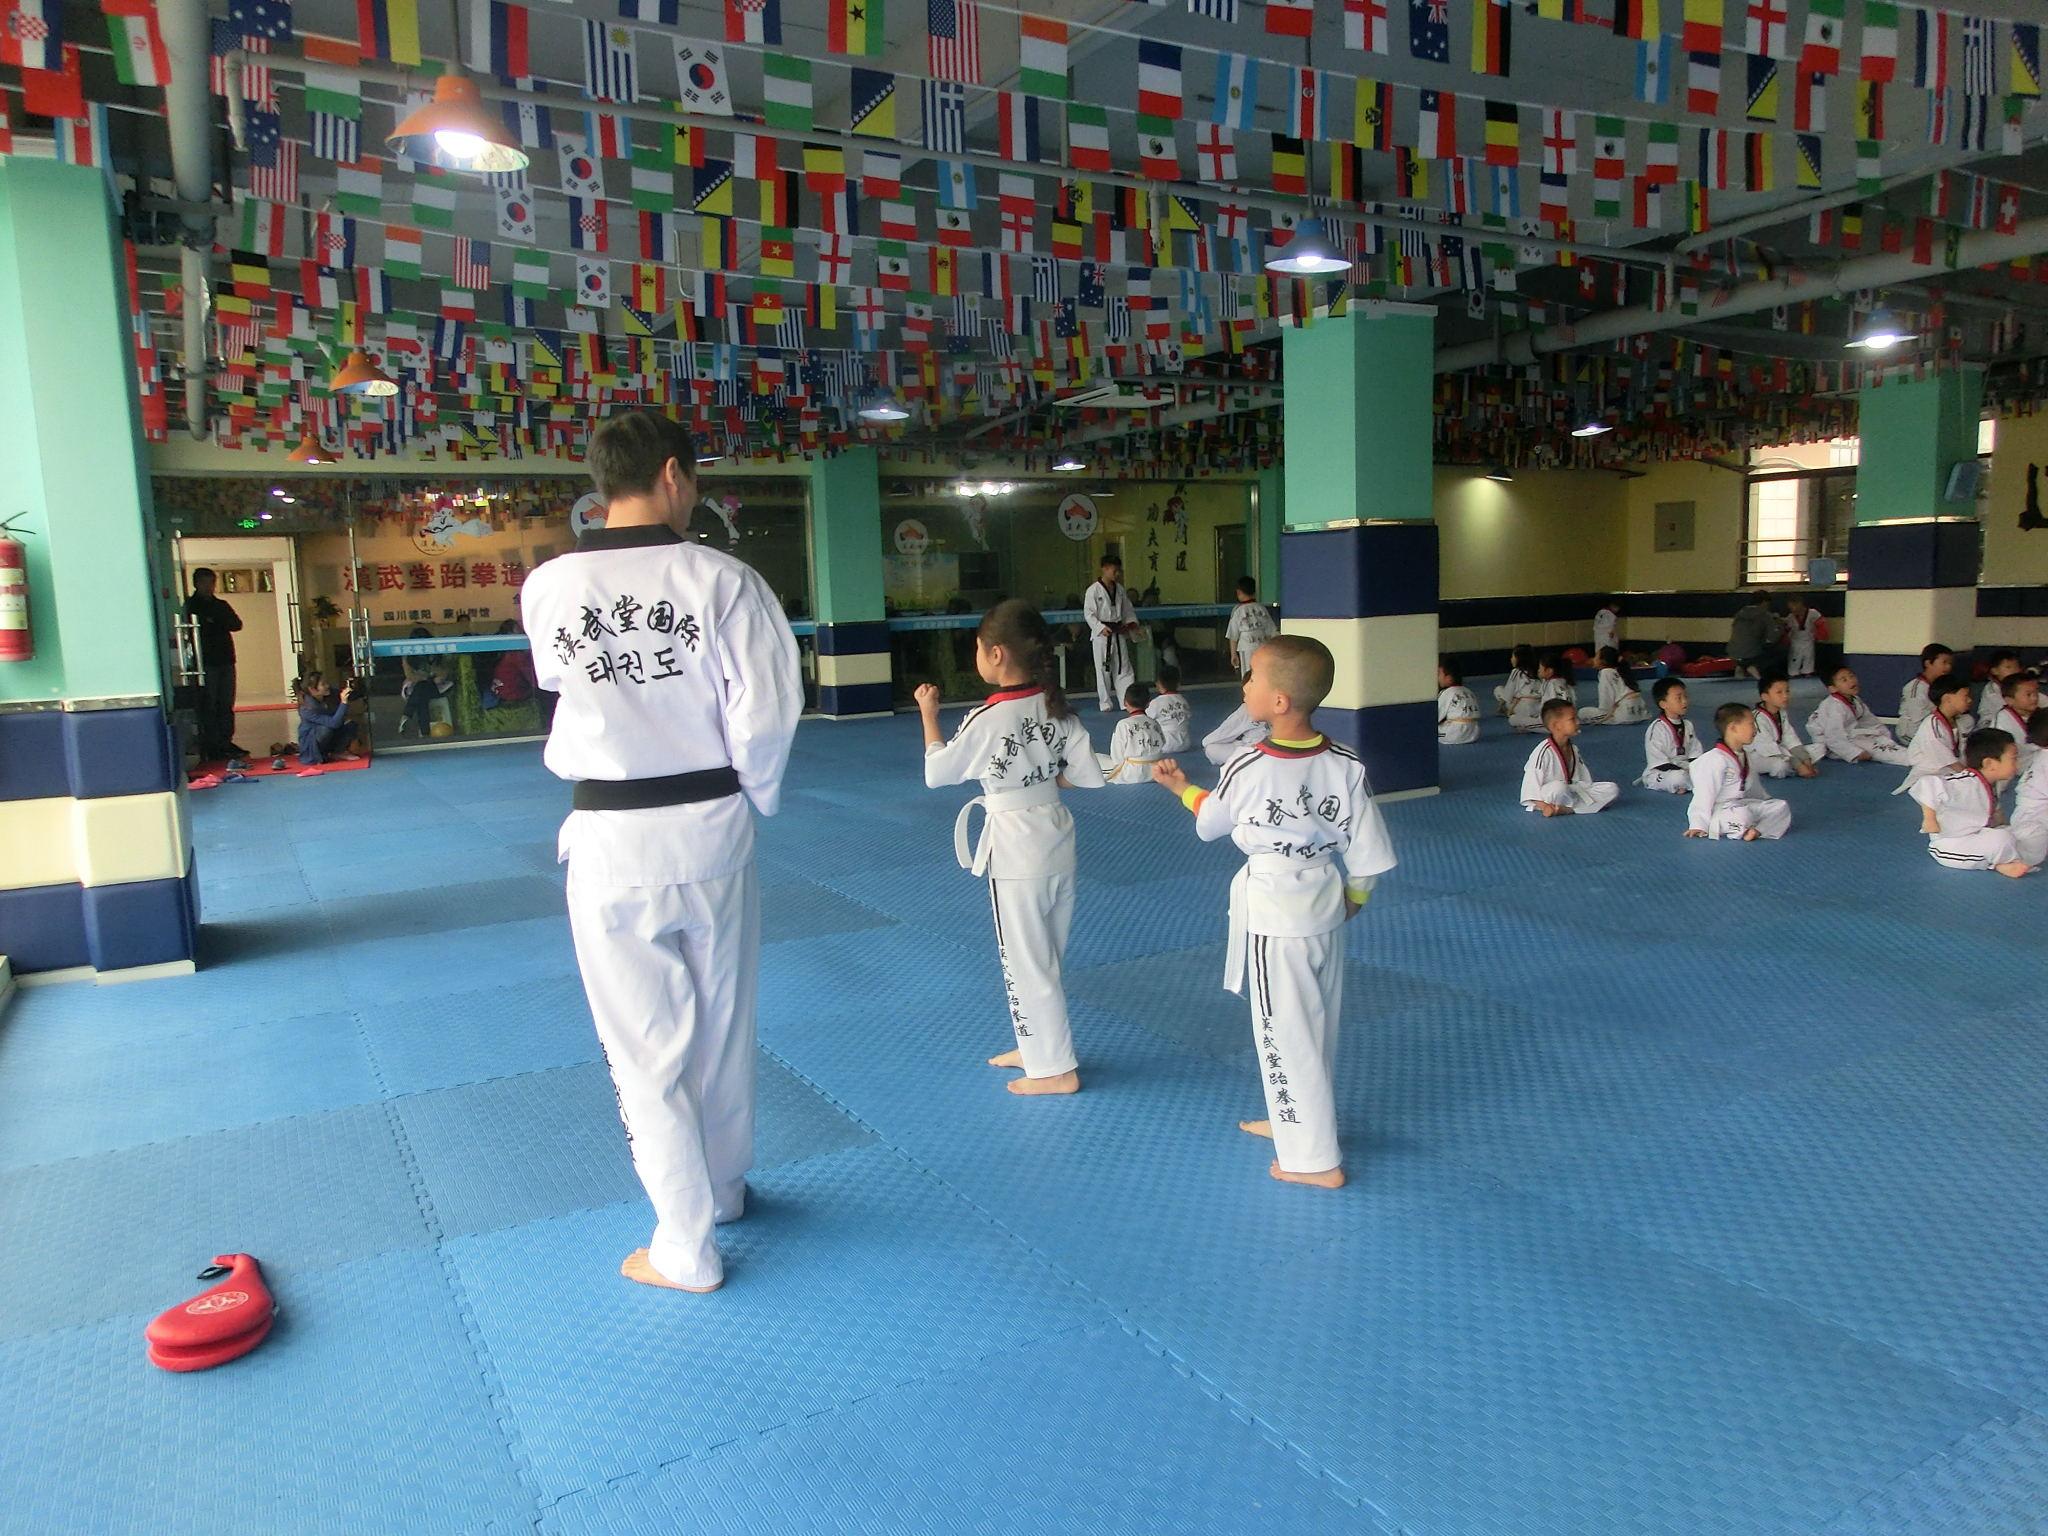 【视频学跆拳道到底学到了?】_孩子88网萤黄页火动态图片